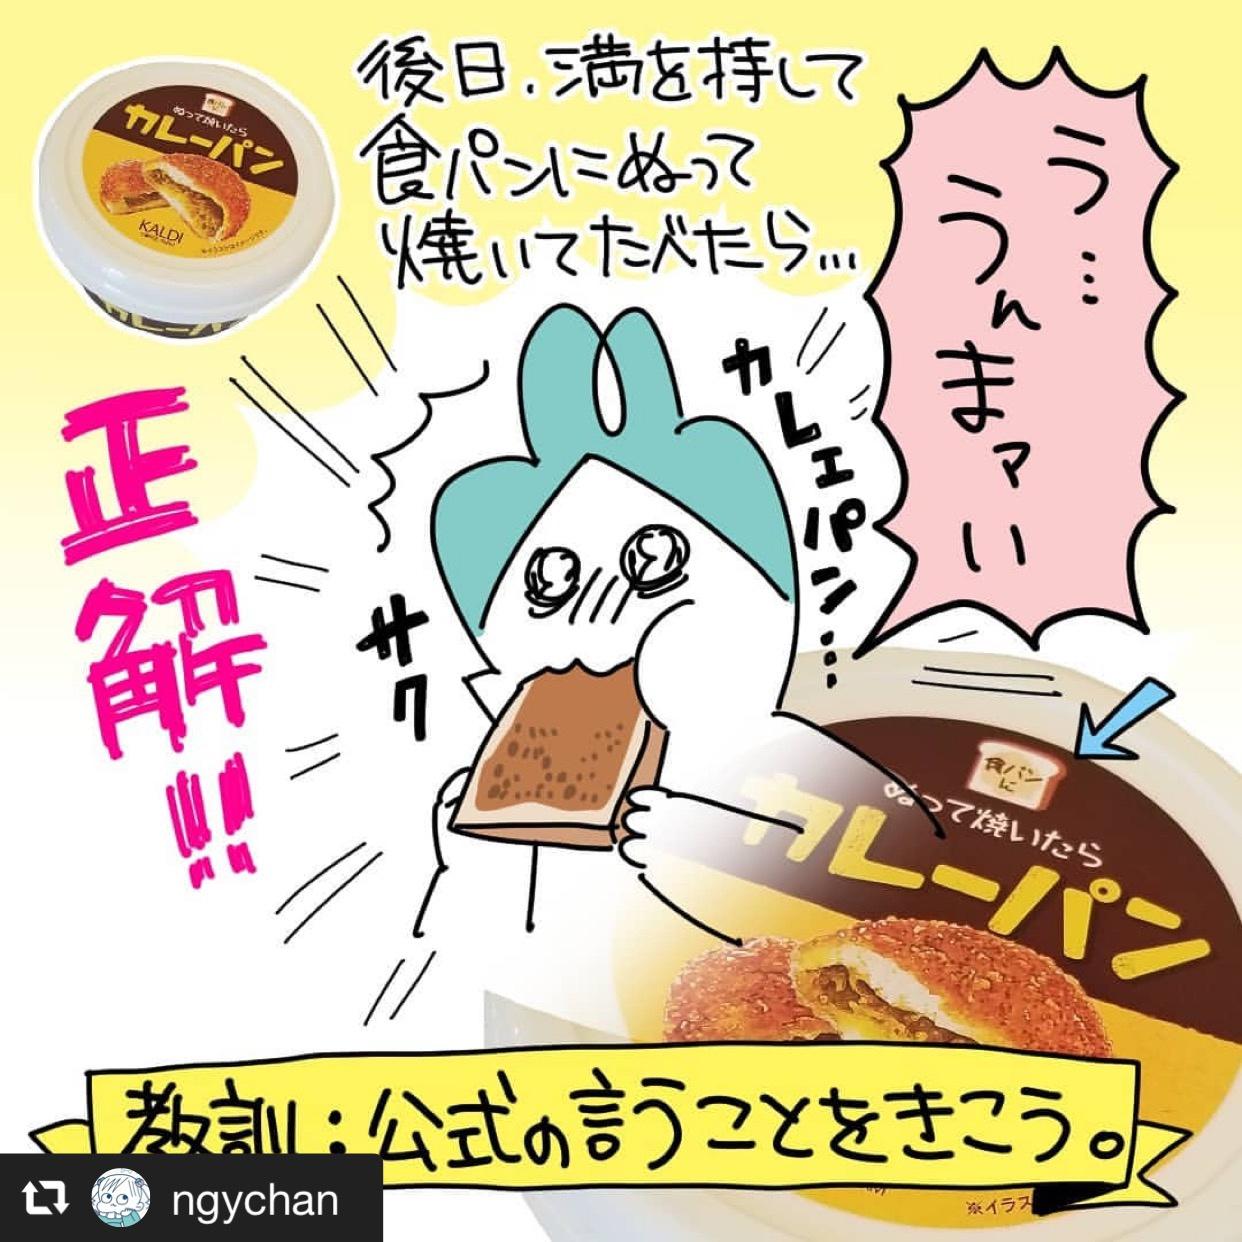 カルディの『ぬって焼いたらカレーパン』を食べてみた 画像2